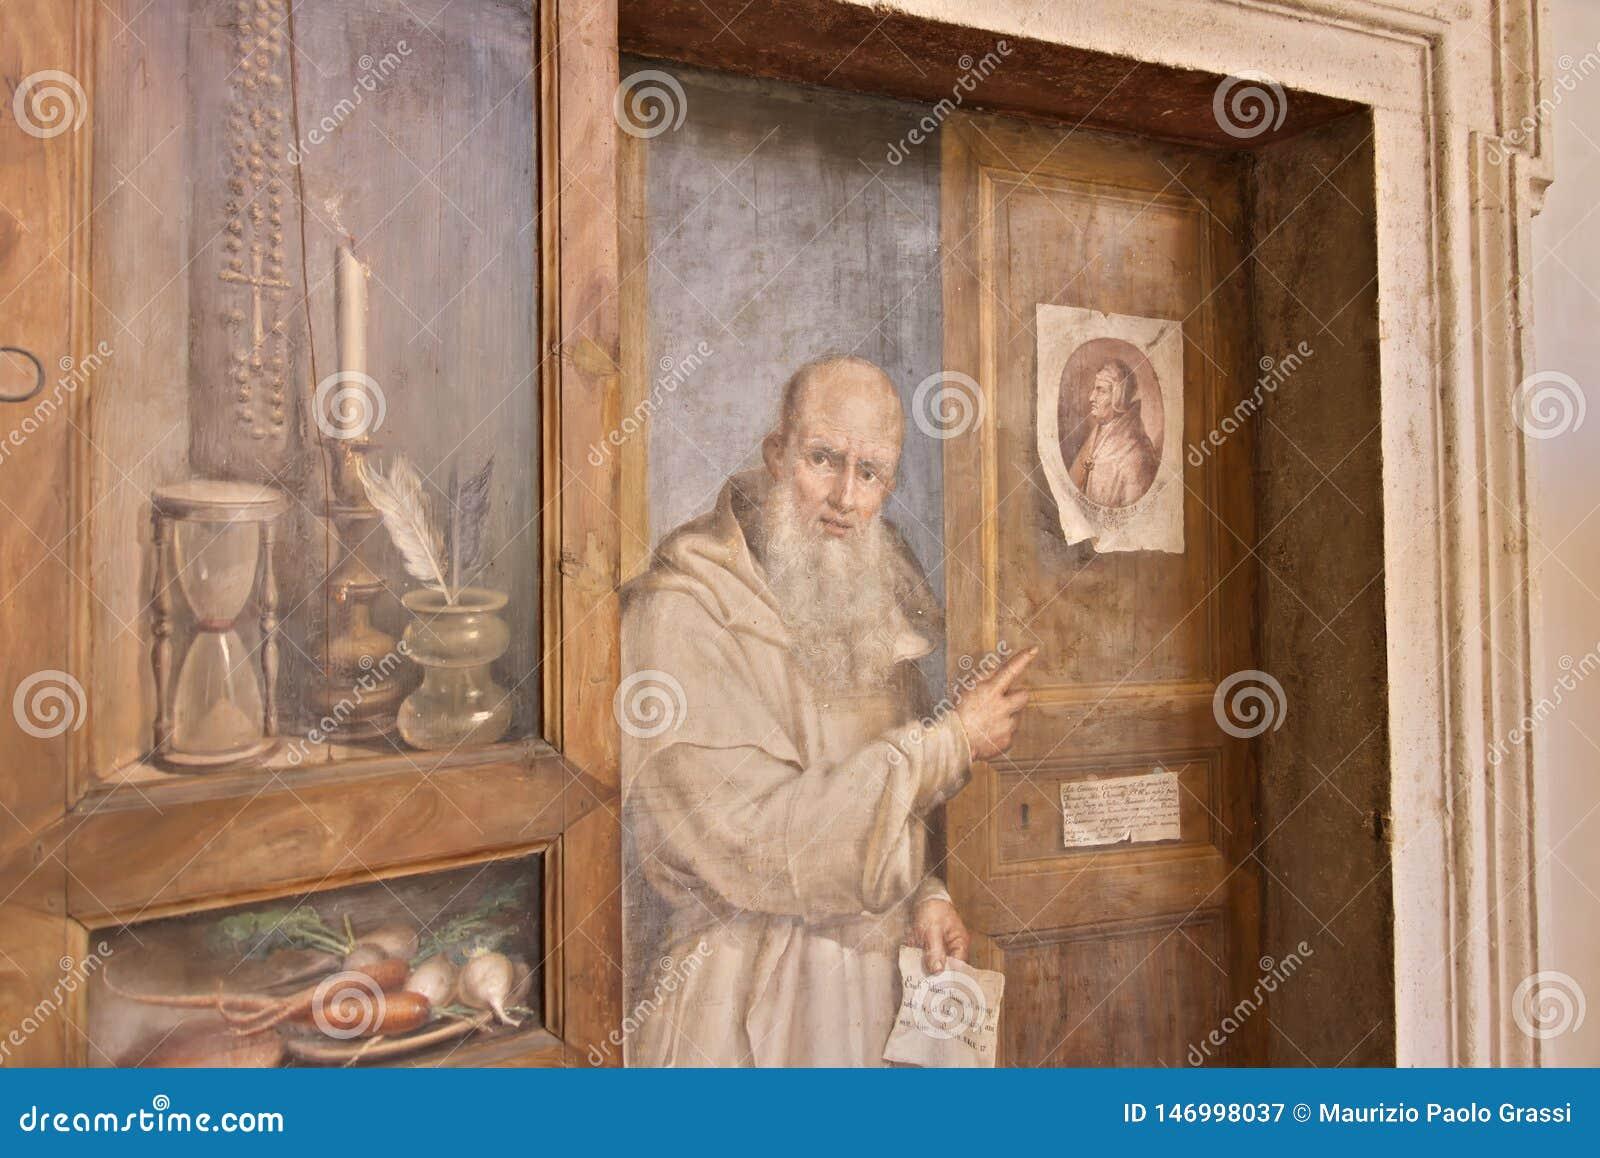 Puerta del monasterio pintada con la figura de un fraile